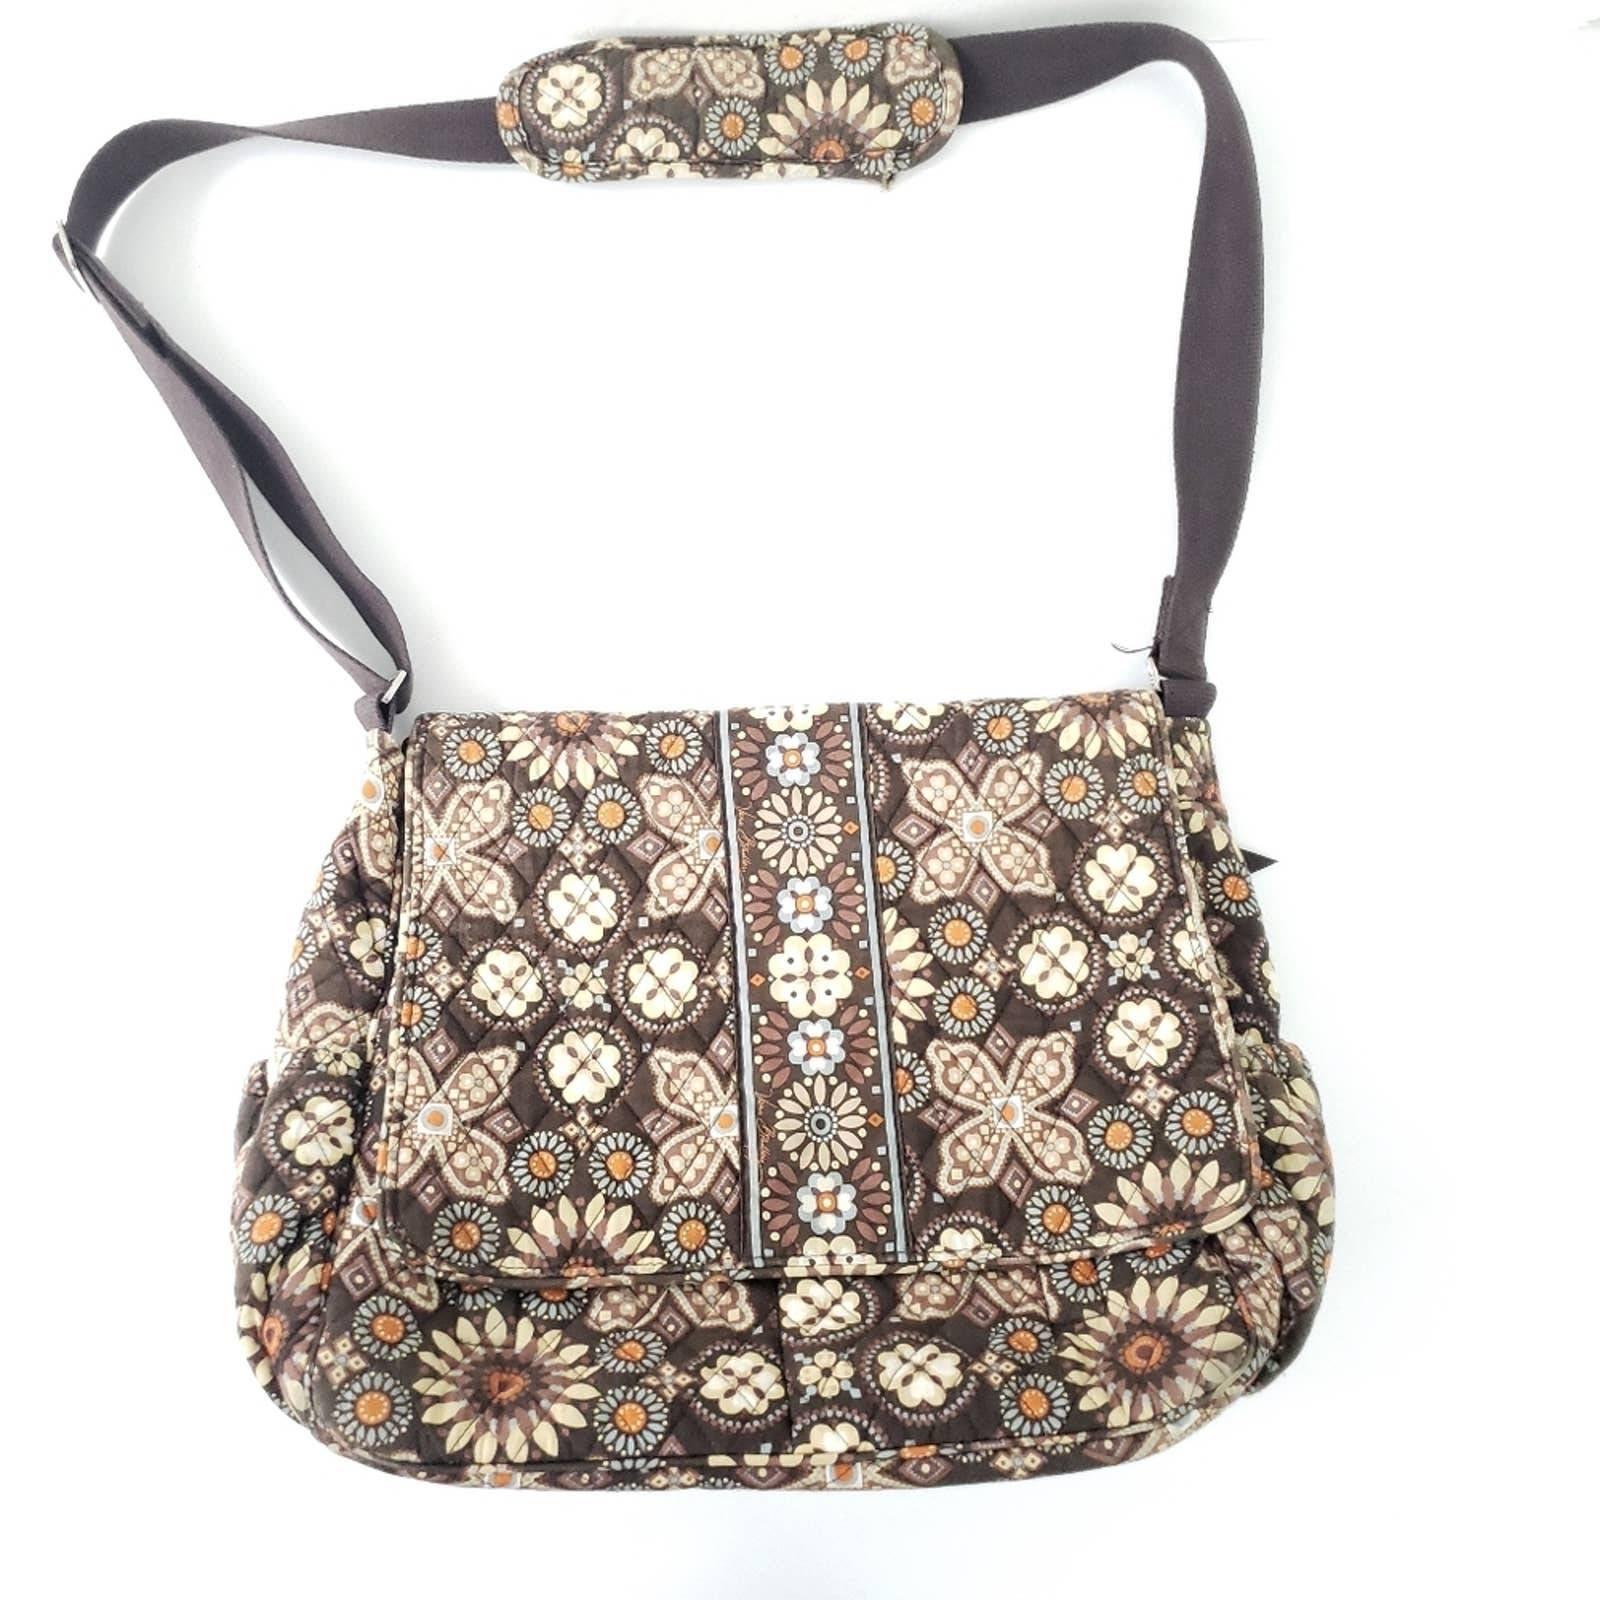 Vera Bradley Brown Floral Diaper Bag